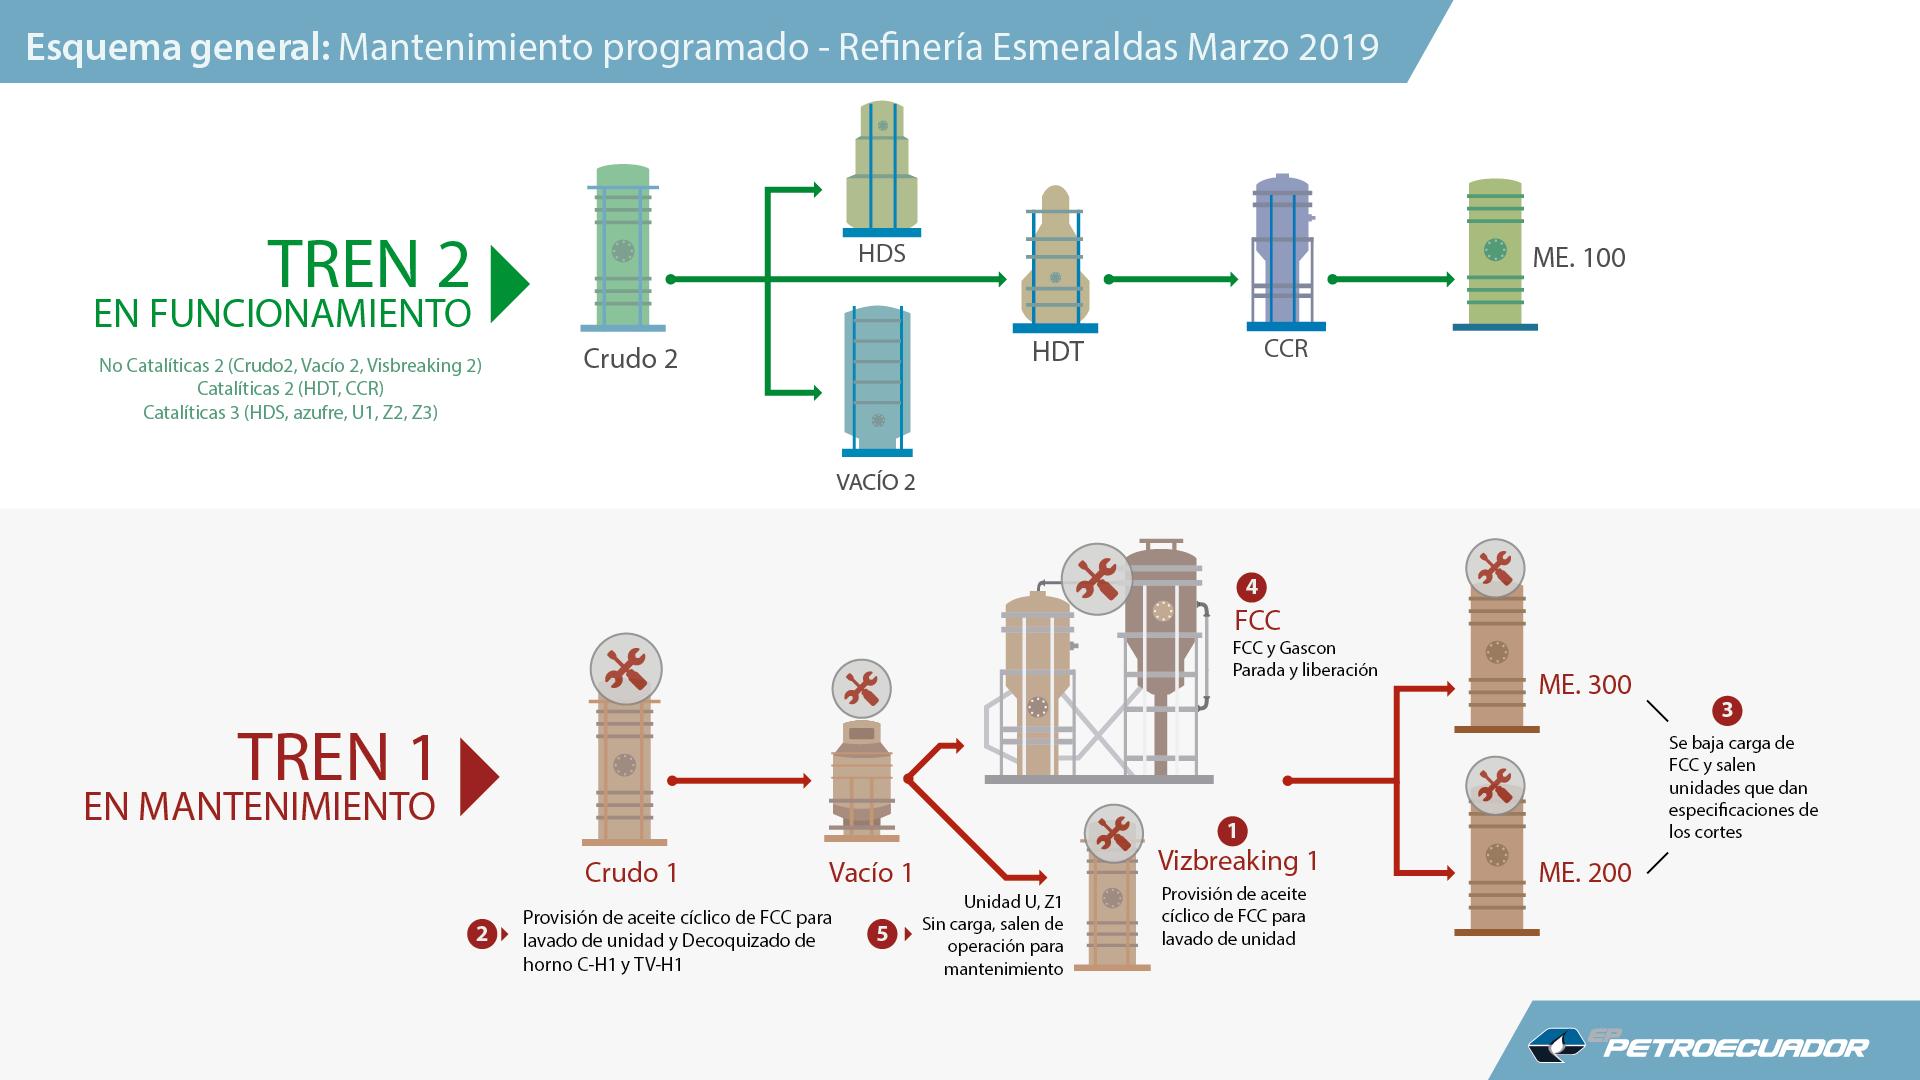 Inicia mantenimiento programado de la Unidad FCC de Refinería Esmeraldas